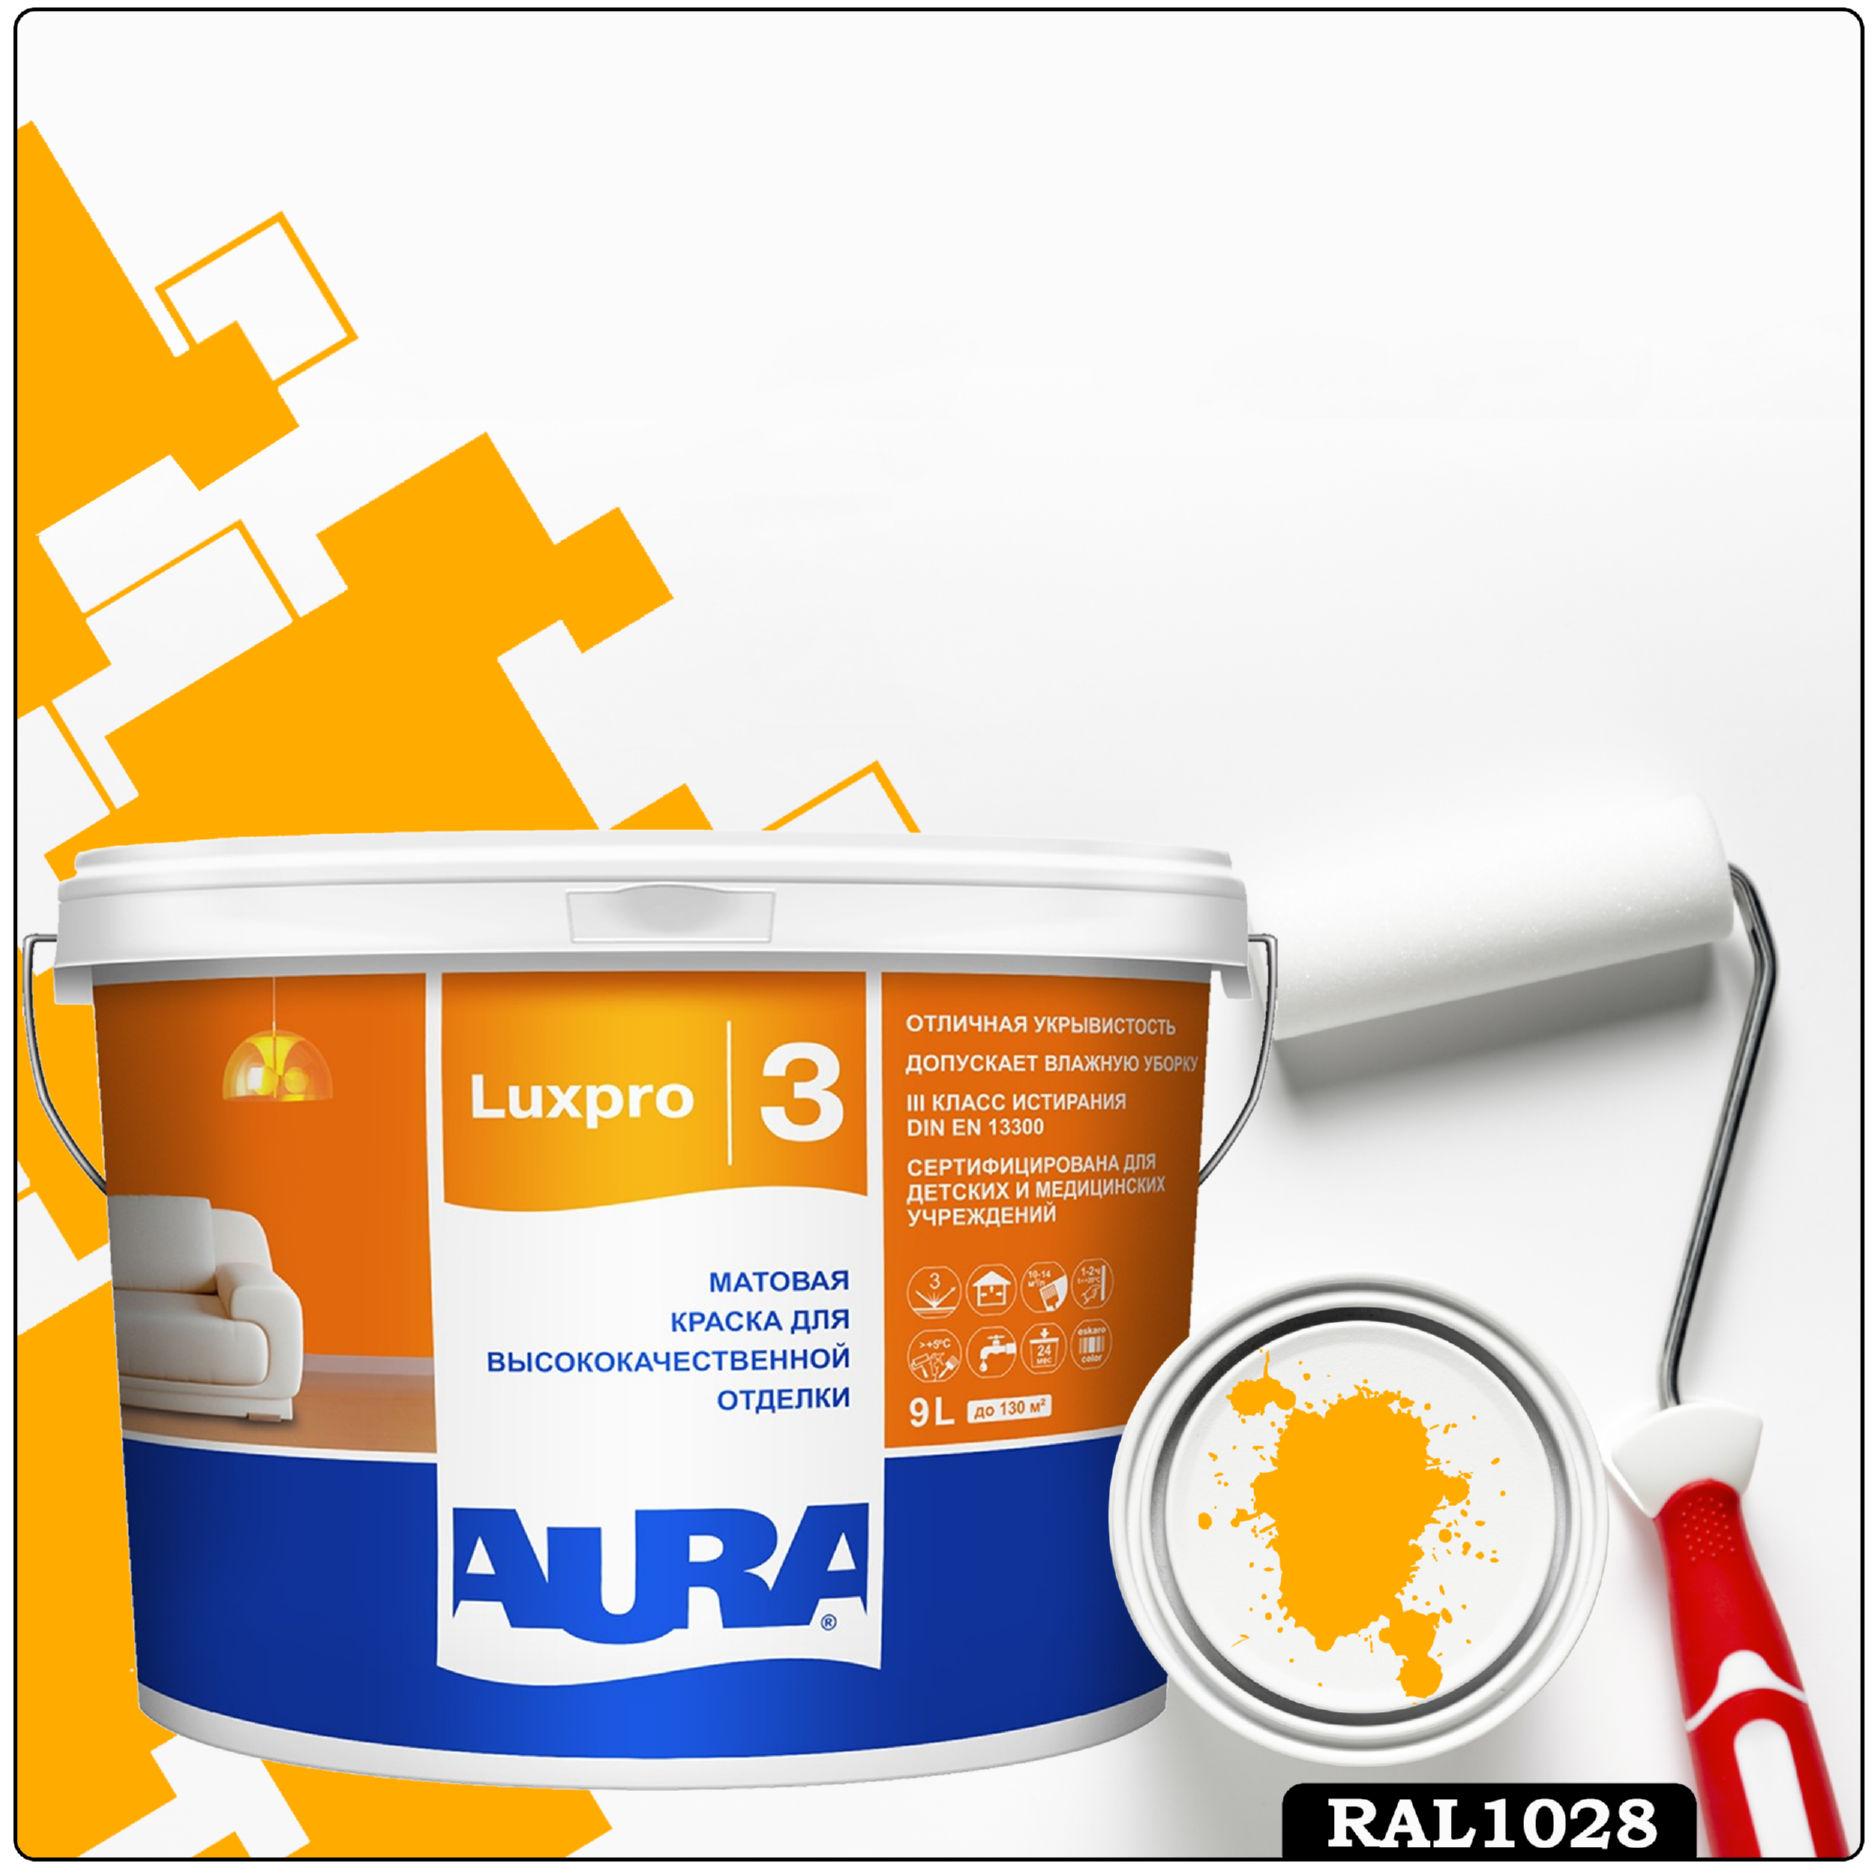 Фото 23 - Краска Aura LuxPRO 3, RAL 1028 Жёлтая дыня, латексная, шелково-матовая, интерьерная, 9л, Аура.